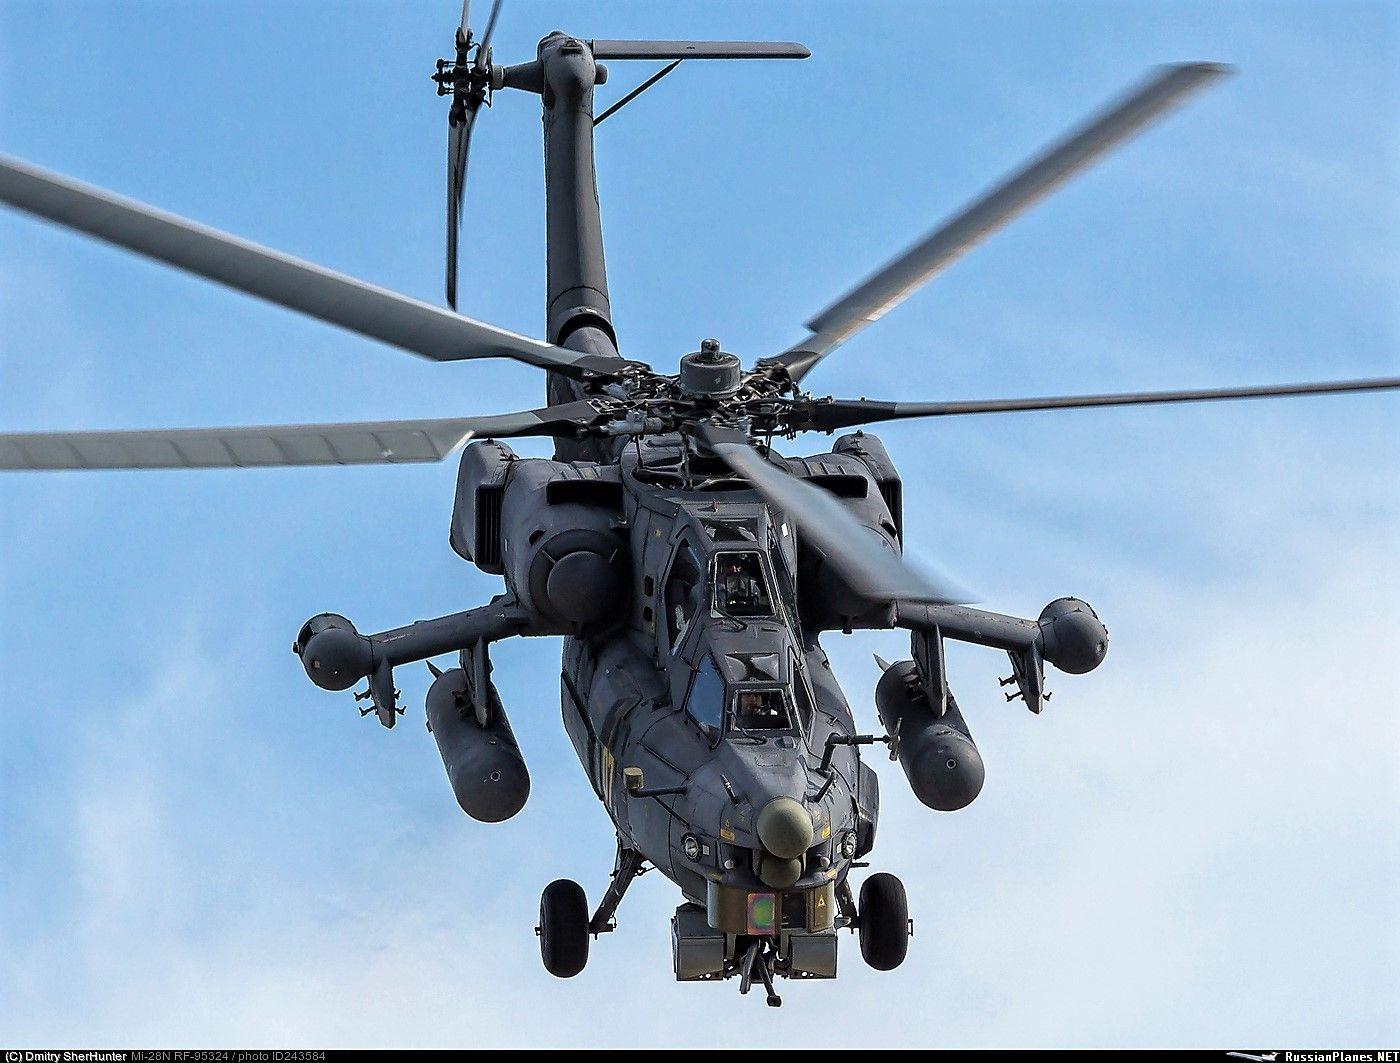 Mil-28 | Ввс, Вертолеты, Авиация